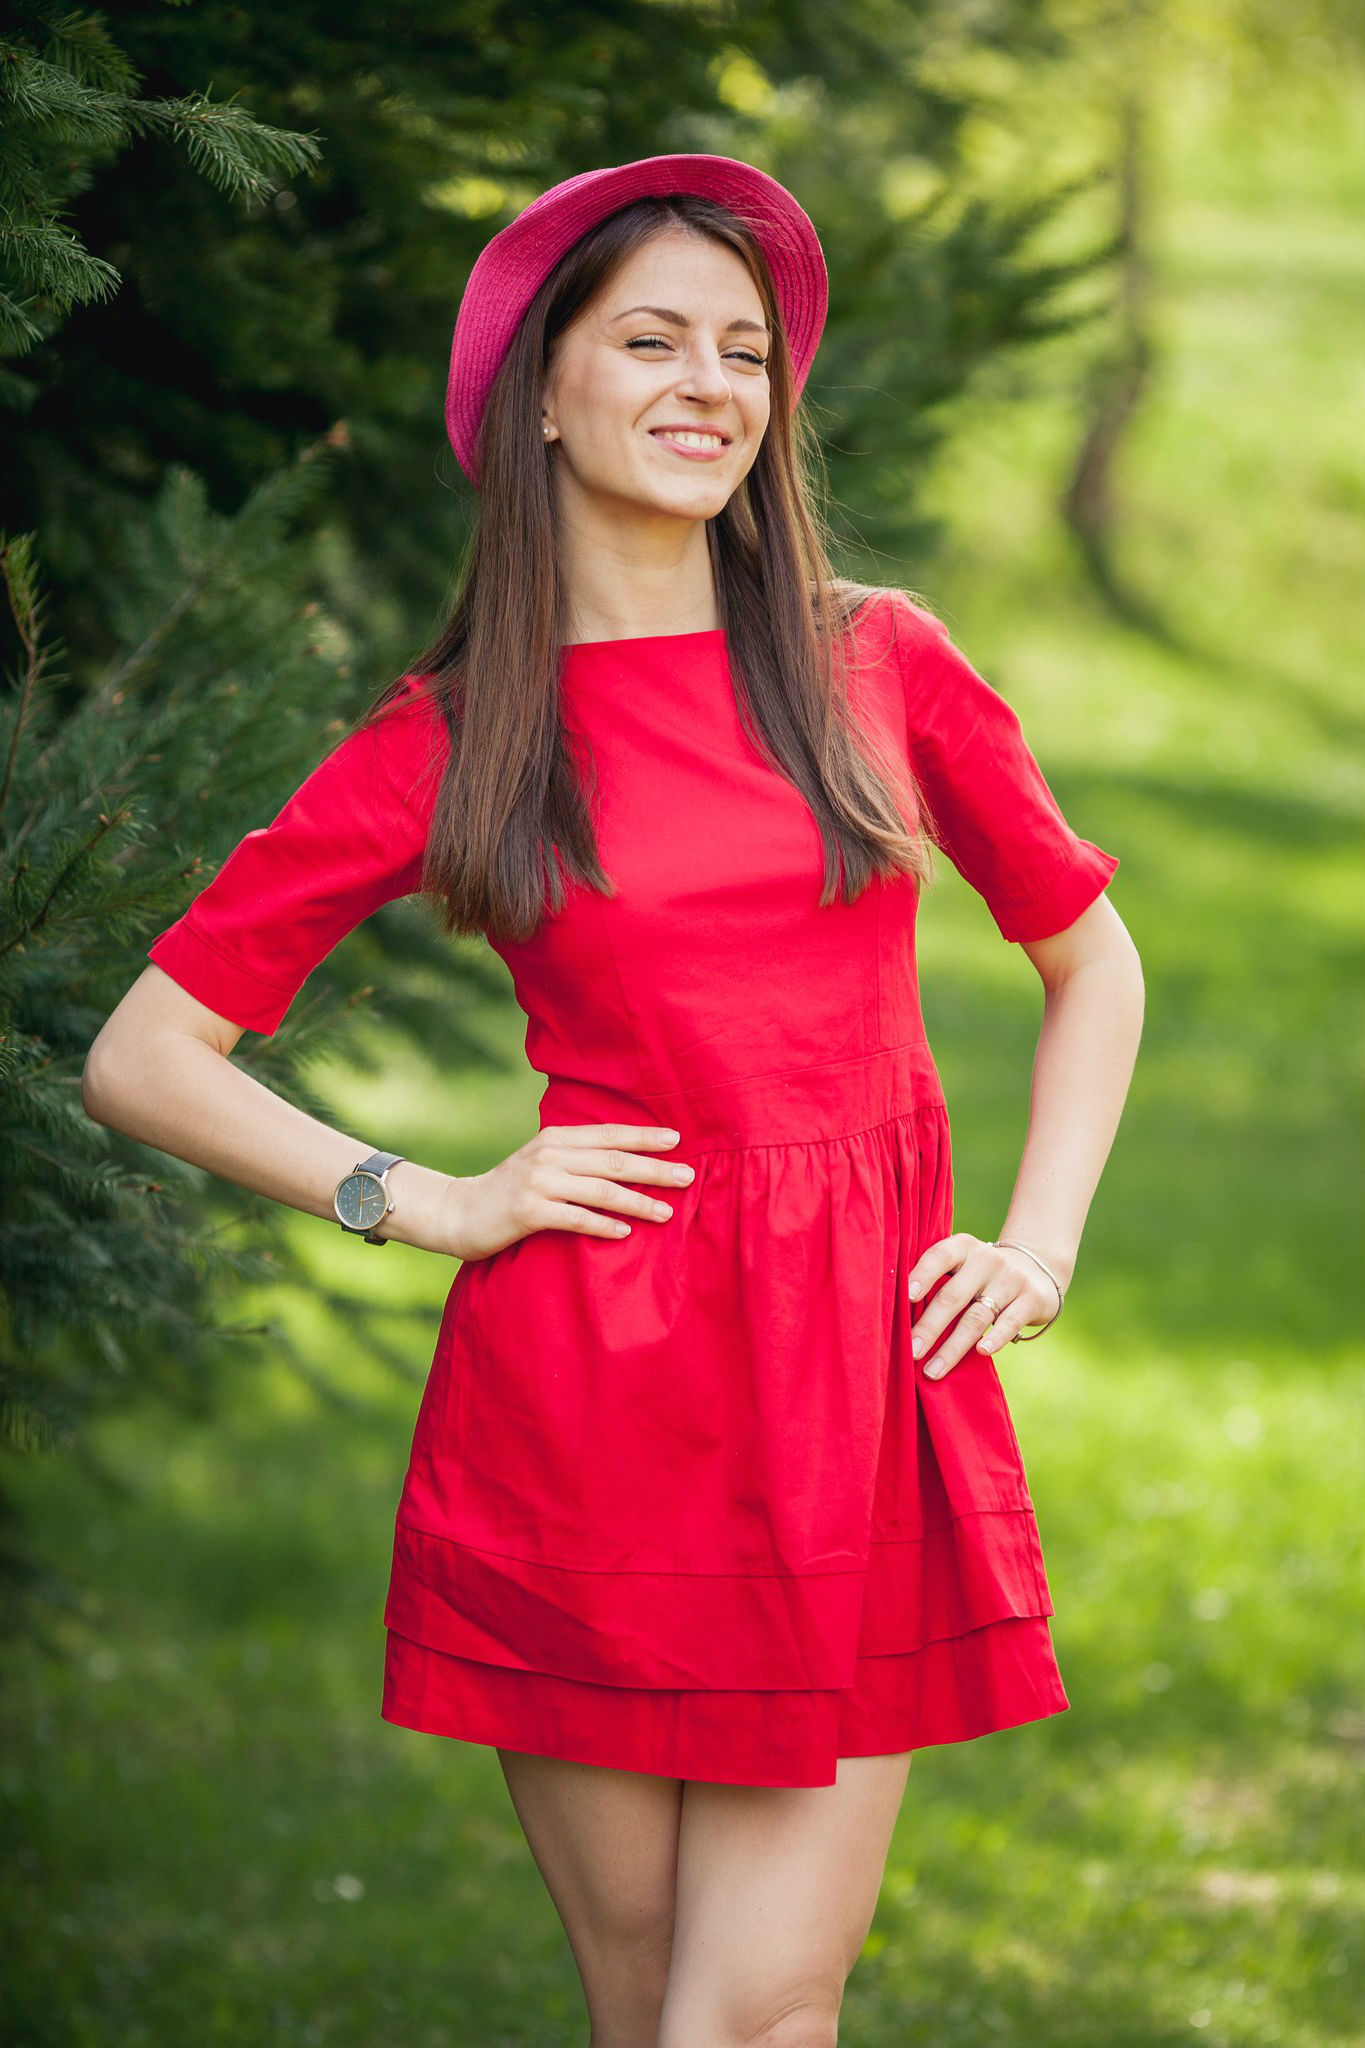 Веселая девушка в ярко-красном платье